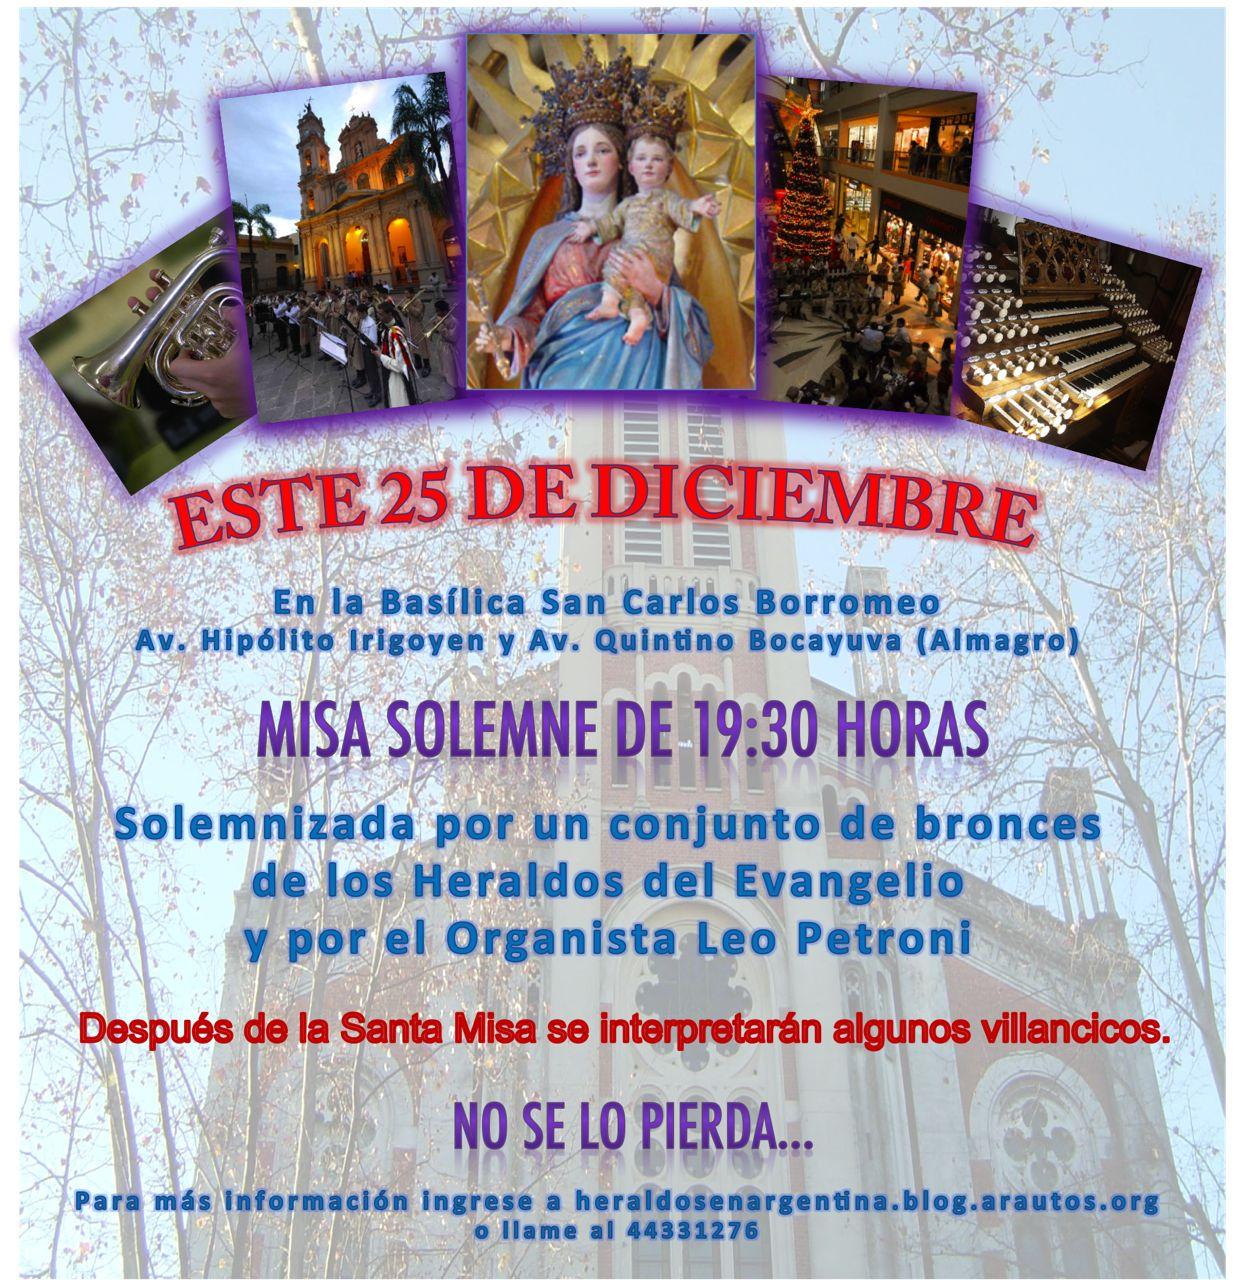 Invitación para concierto en la Basílica San Carlos Borromeo